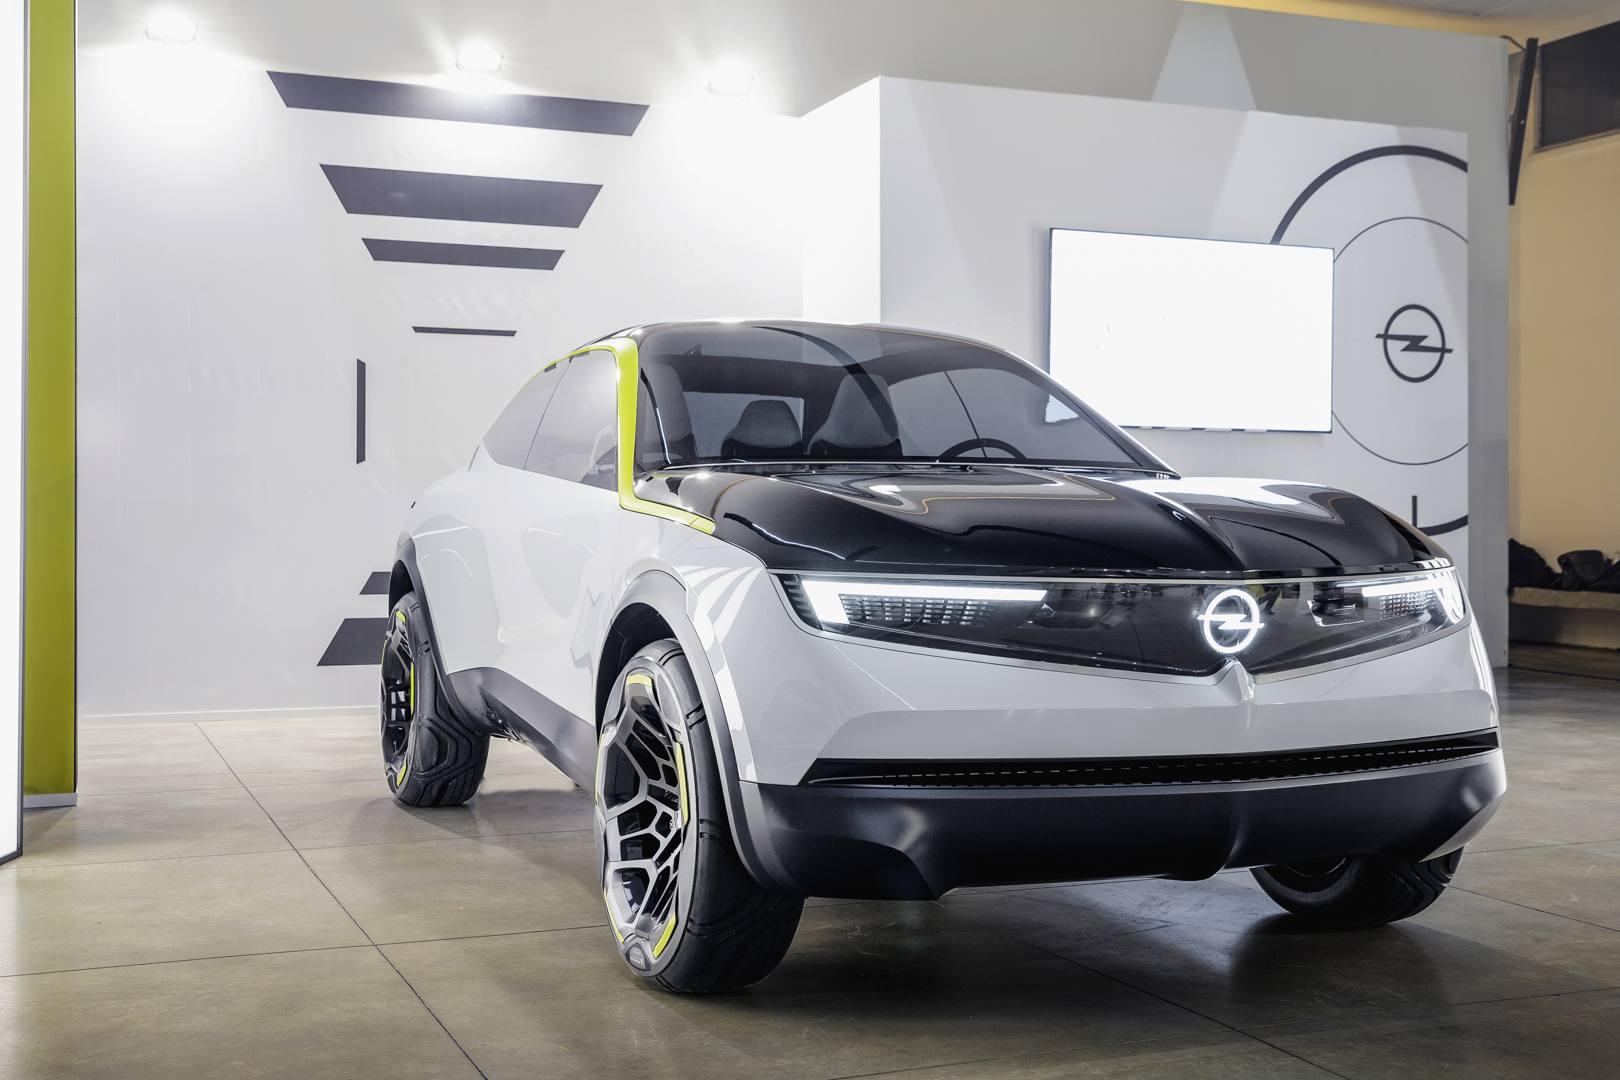 Opel ha presentato la concept GT X Experimental che anticipa le linee dei prossimi Suv